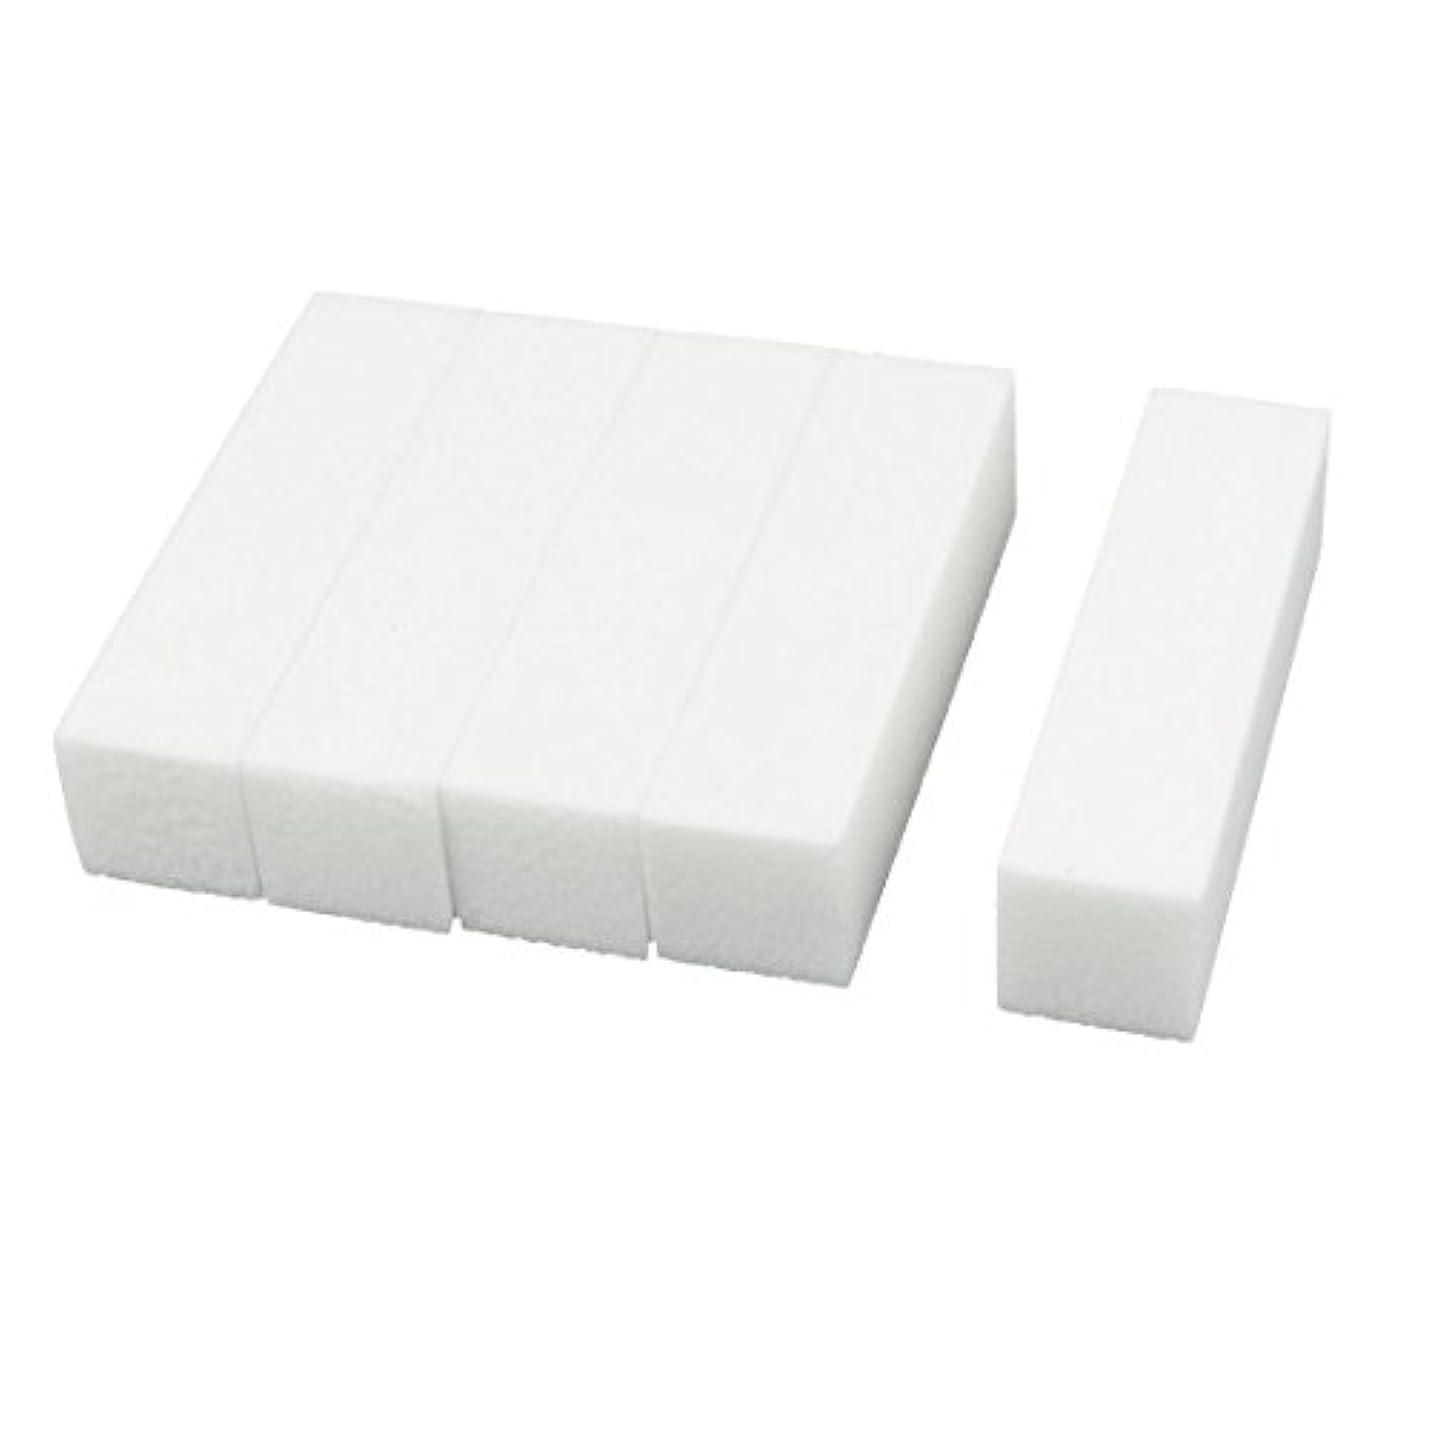 必要合図おしゃれじゃないuxcell ネイルファイル サンディングブロック ヒント マニキュアツール バッファ ホワイト 4ウェイ 5個セット